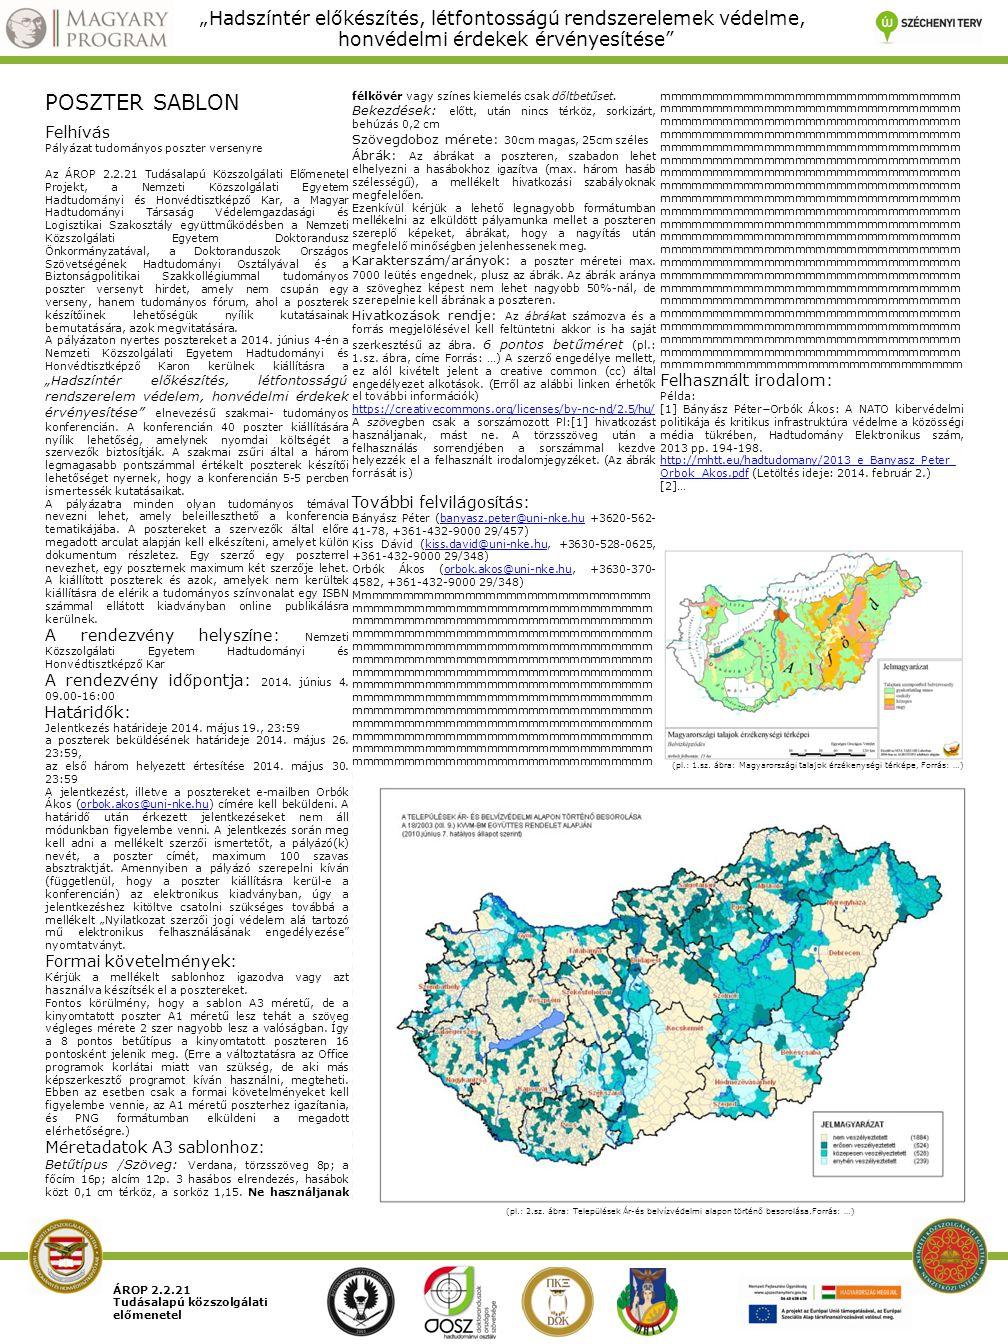 ÁROP 2.2.21 Tudásalapú közszolgálati előmenetel POSZTER SABLON Felhívás Pályázat tudományos poszter versenyre Az ÁROP 2.2.21 Tudásalapú Közszolgálati